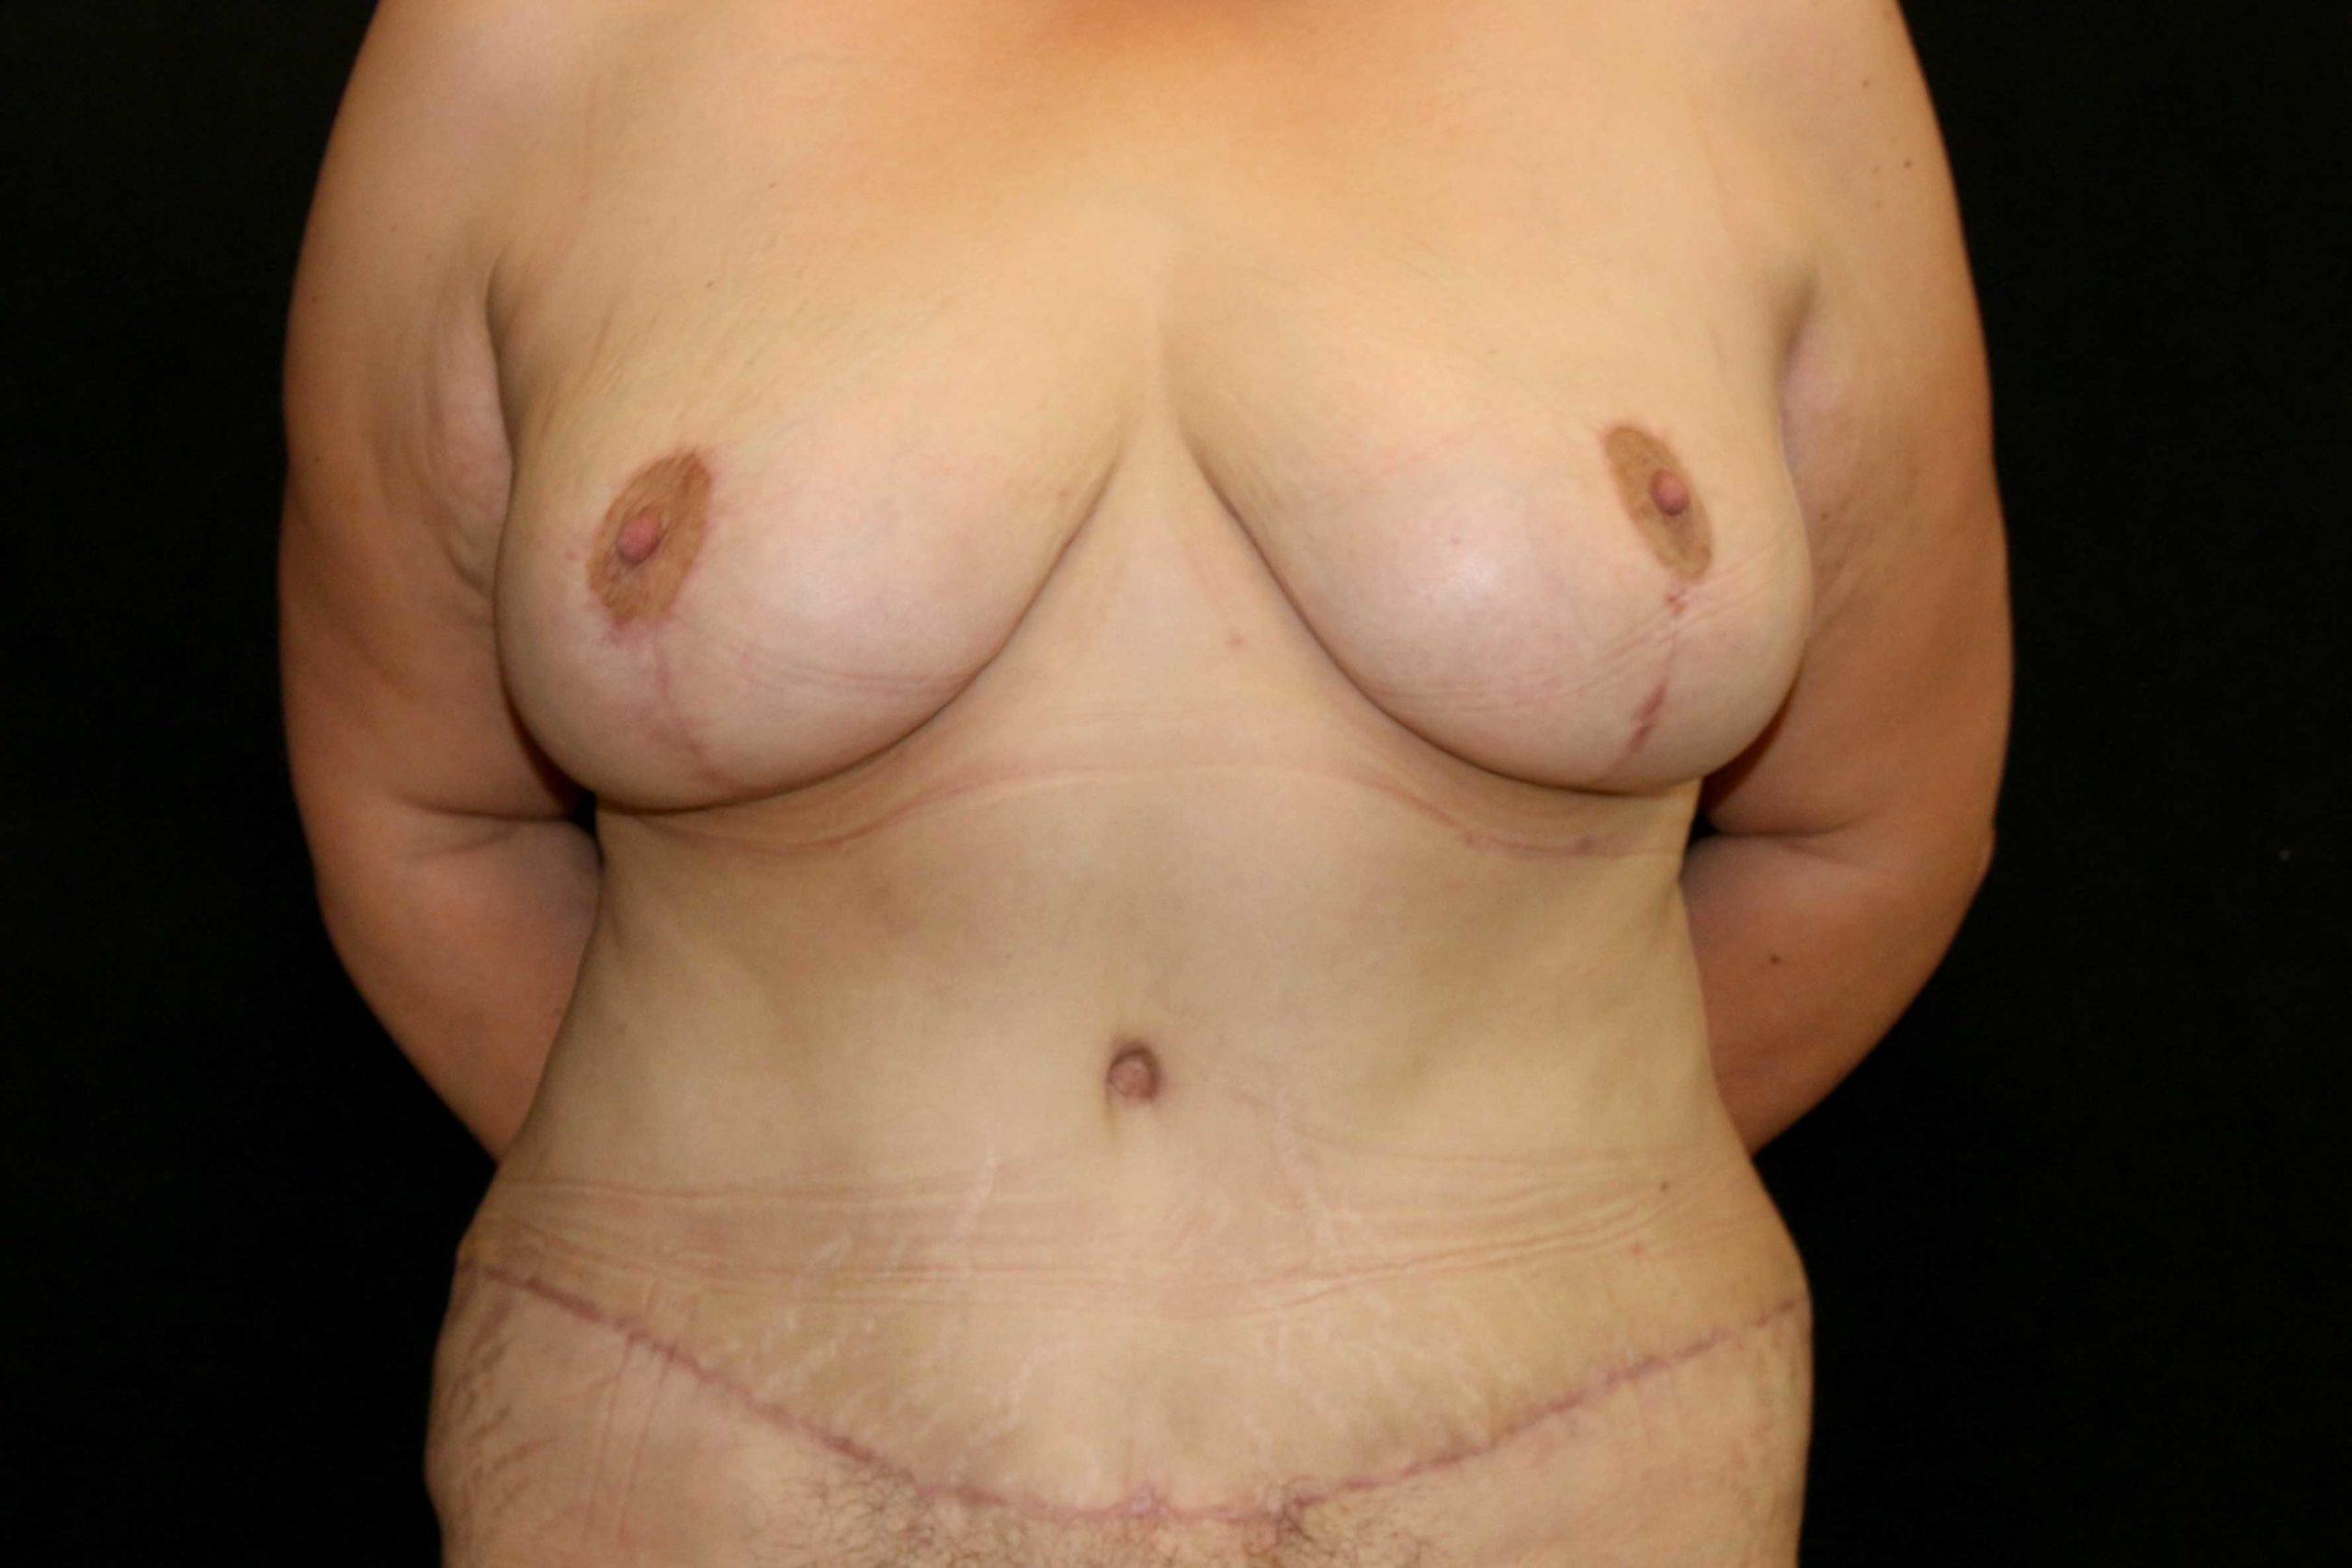 Réduction + Abdominoplastie 1 (Après)